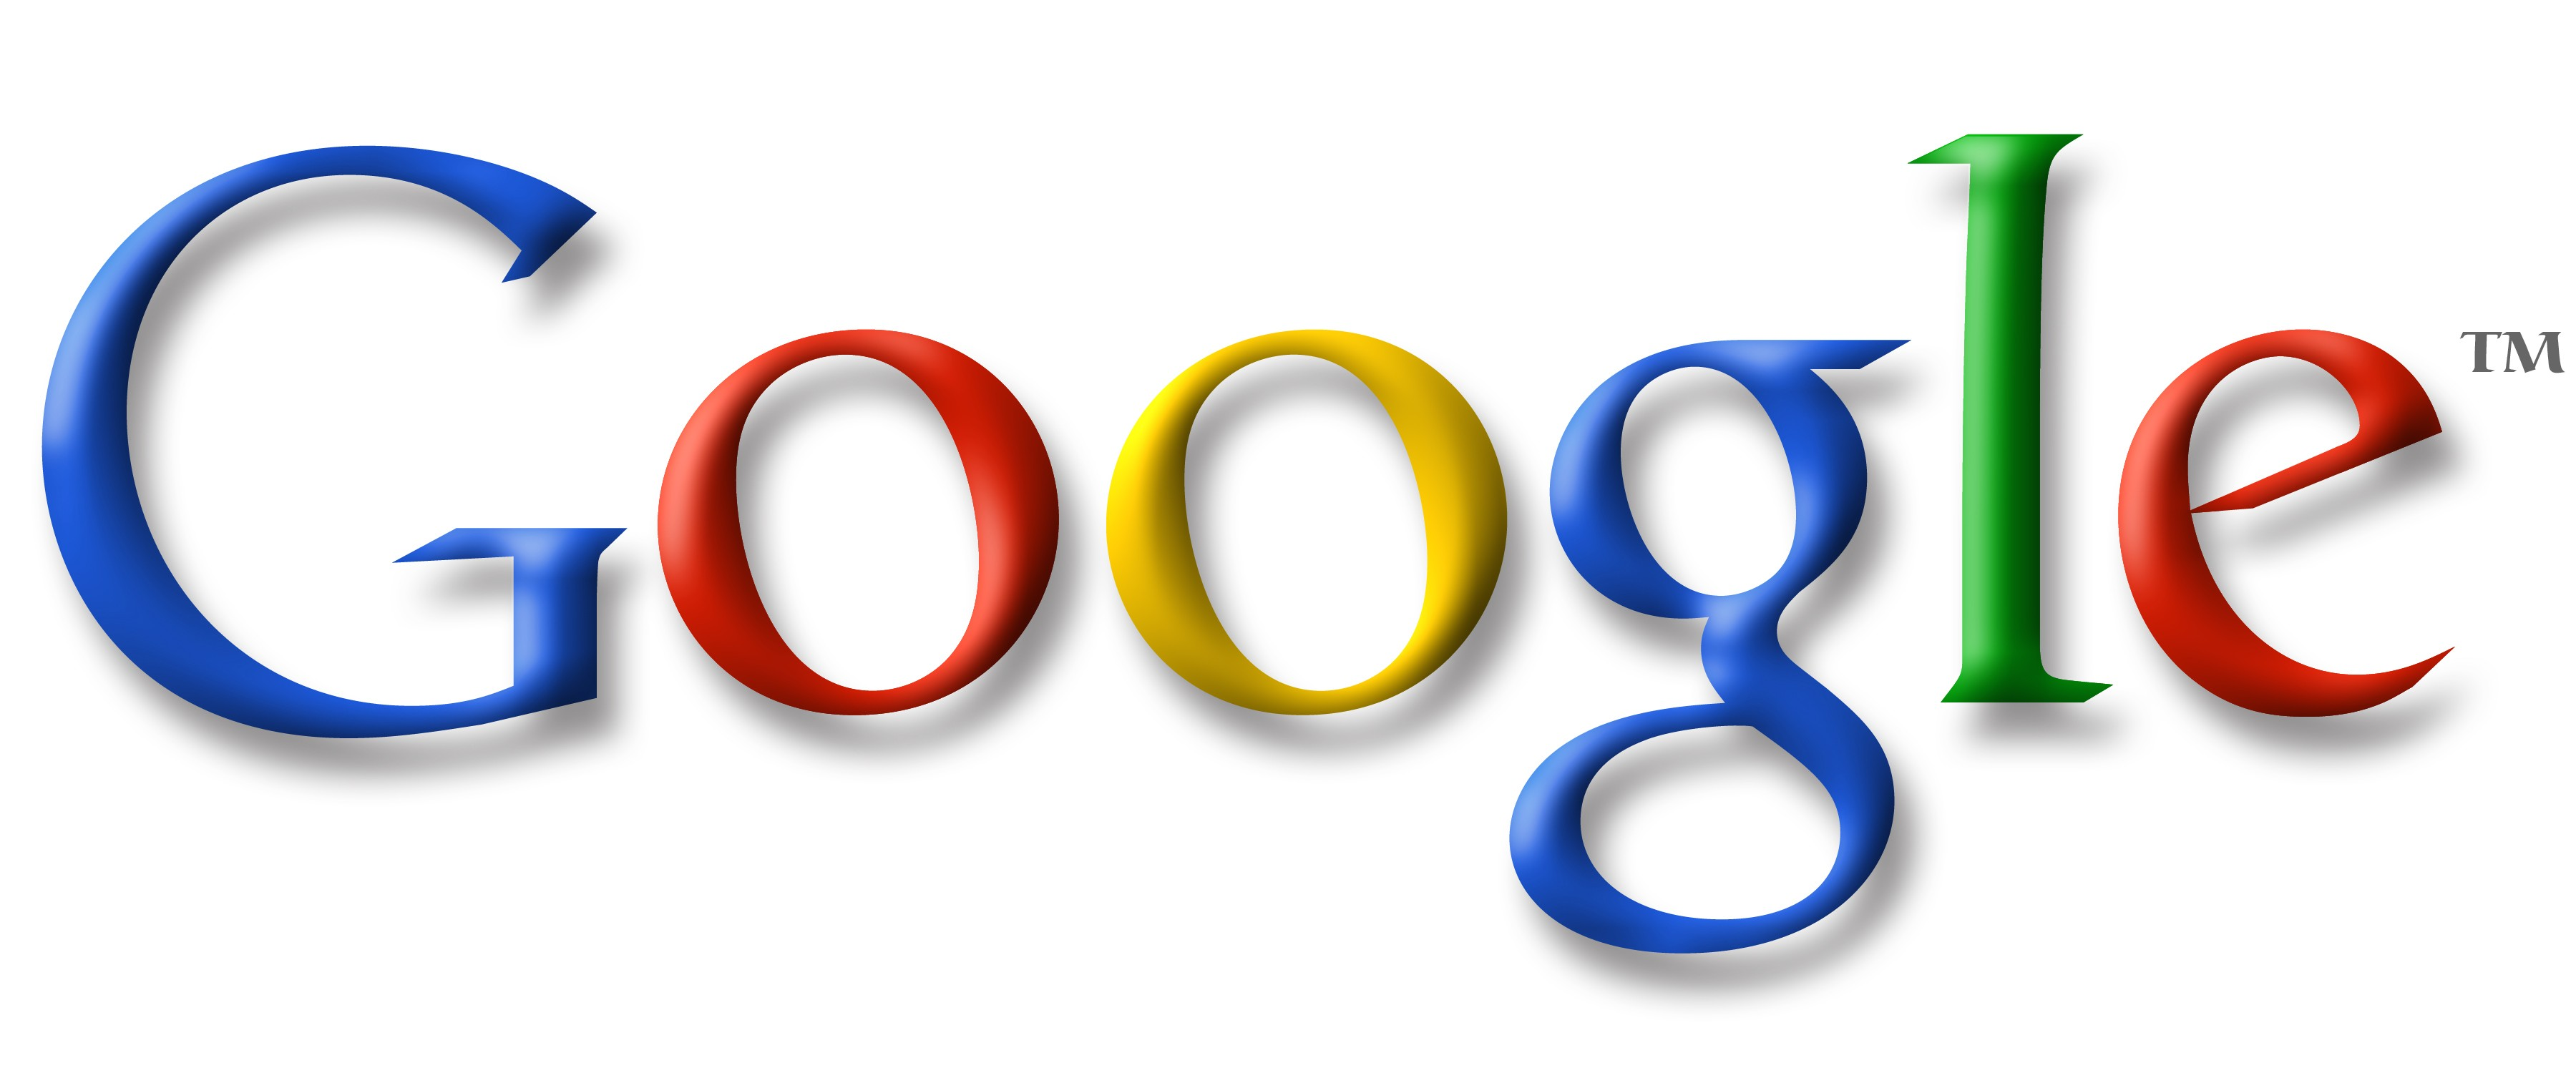 שם:  Google-logo1.jpg צפיות: 8331 גודל:  276.5 קילובייט